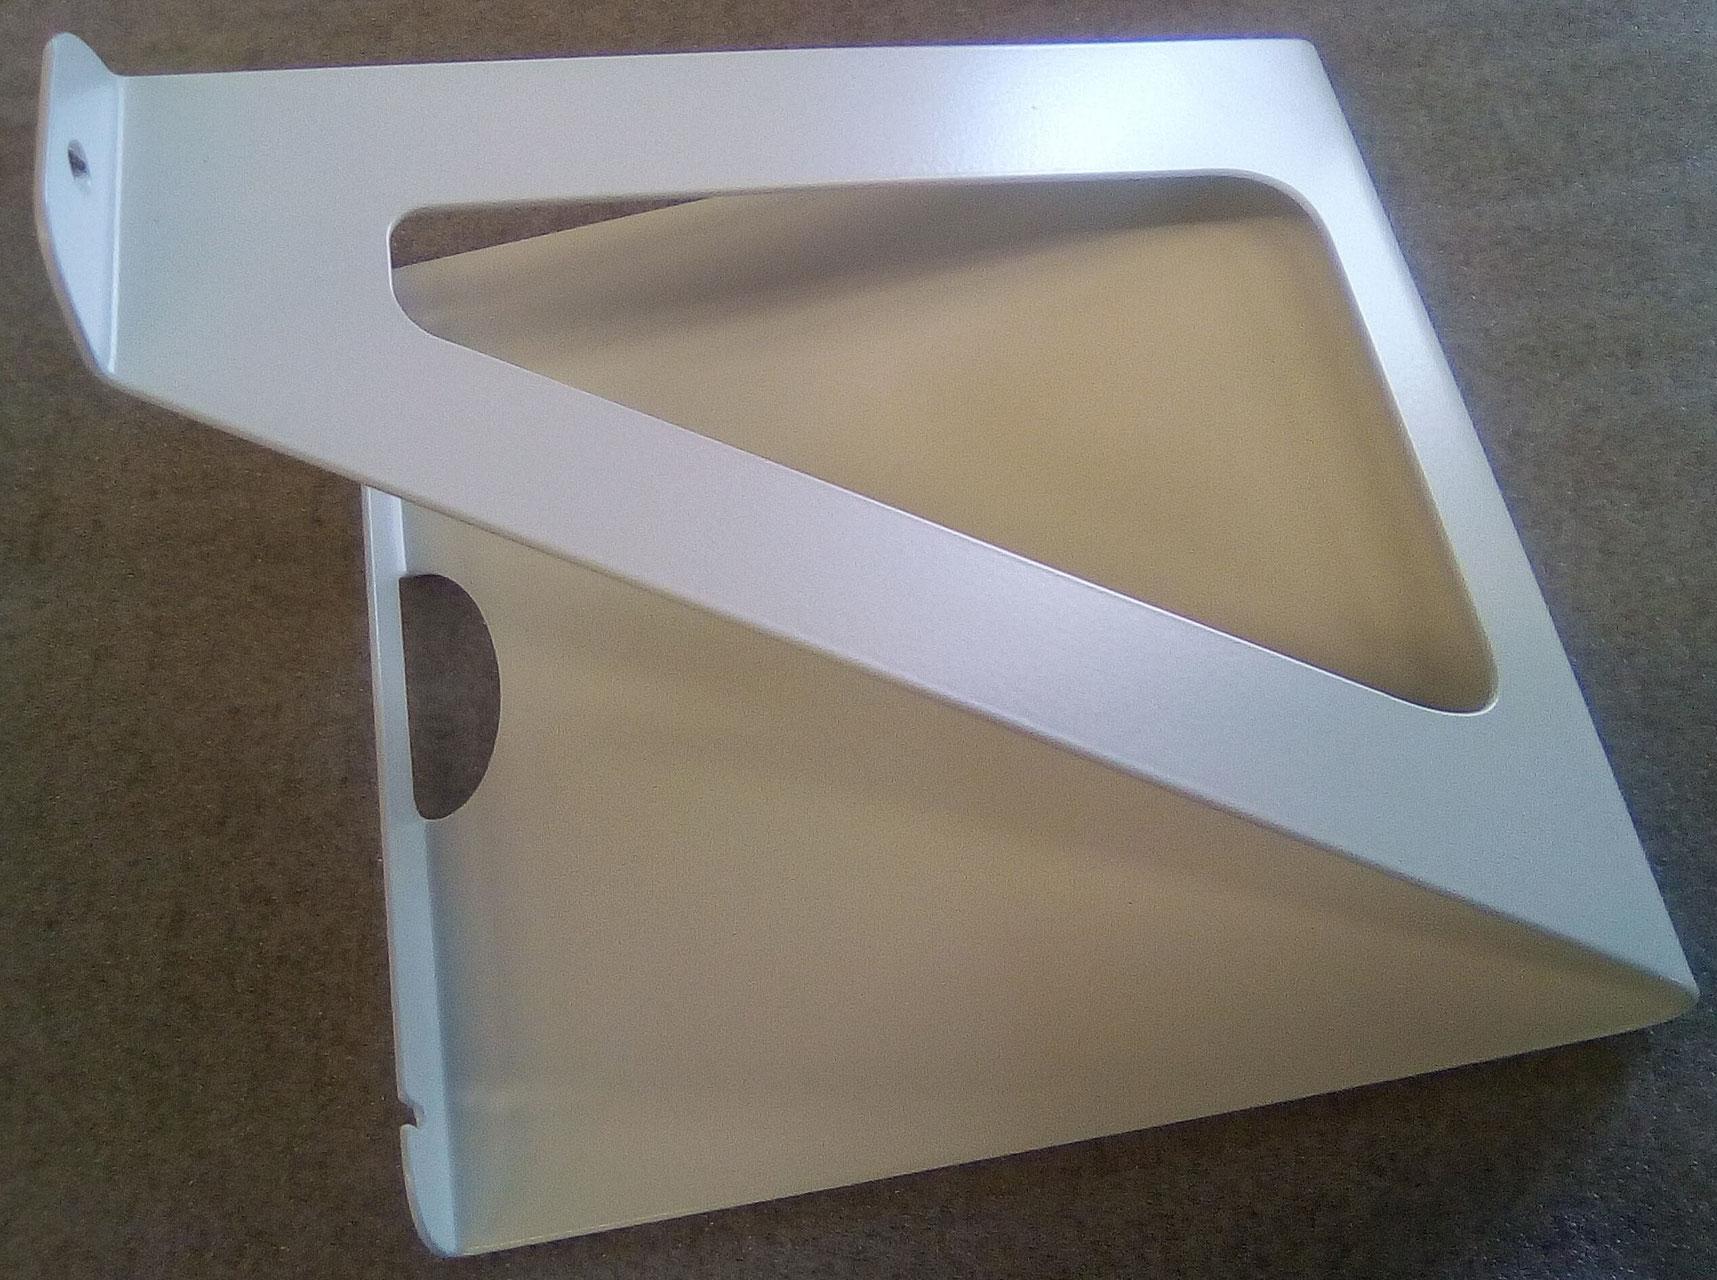 console sumya classic 25 5 cm